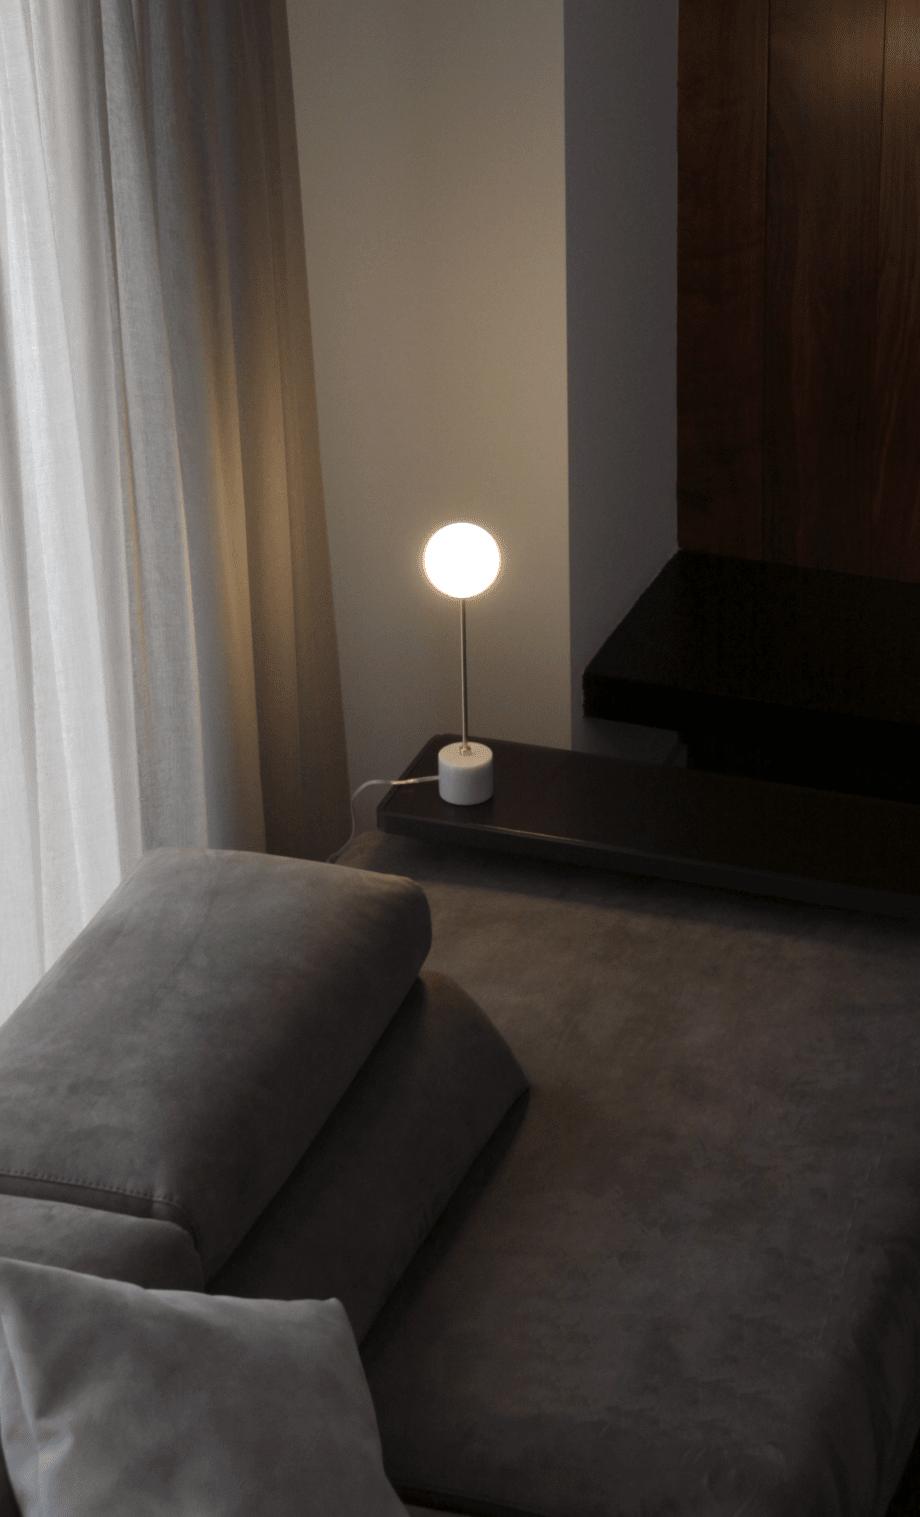 lampara sobremesa lampion